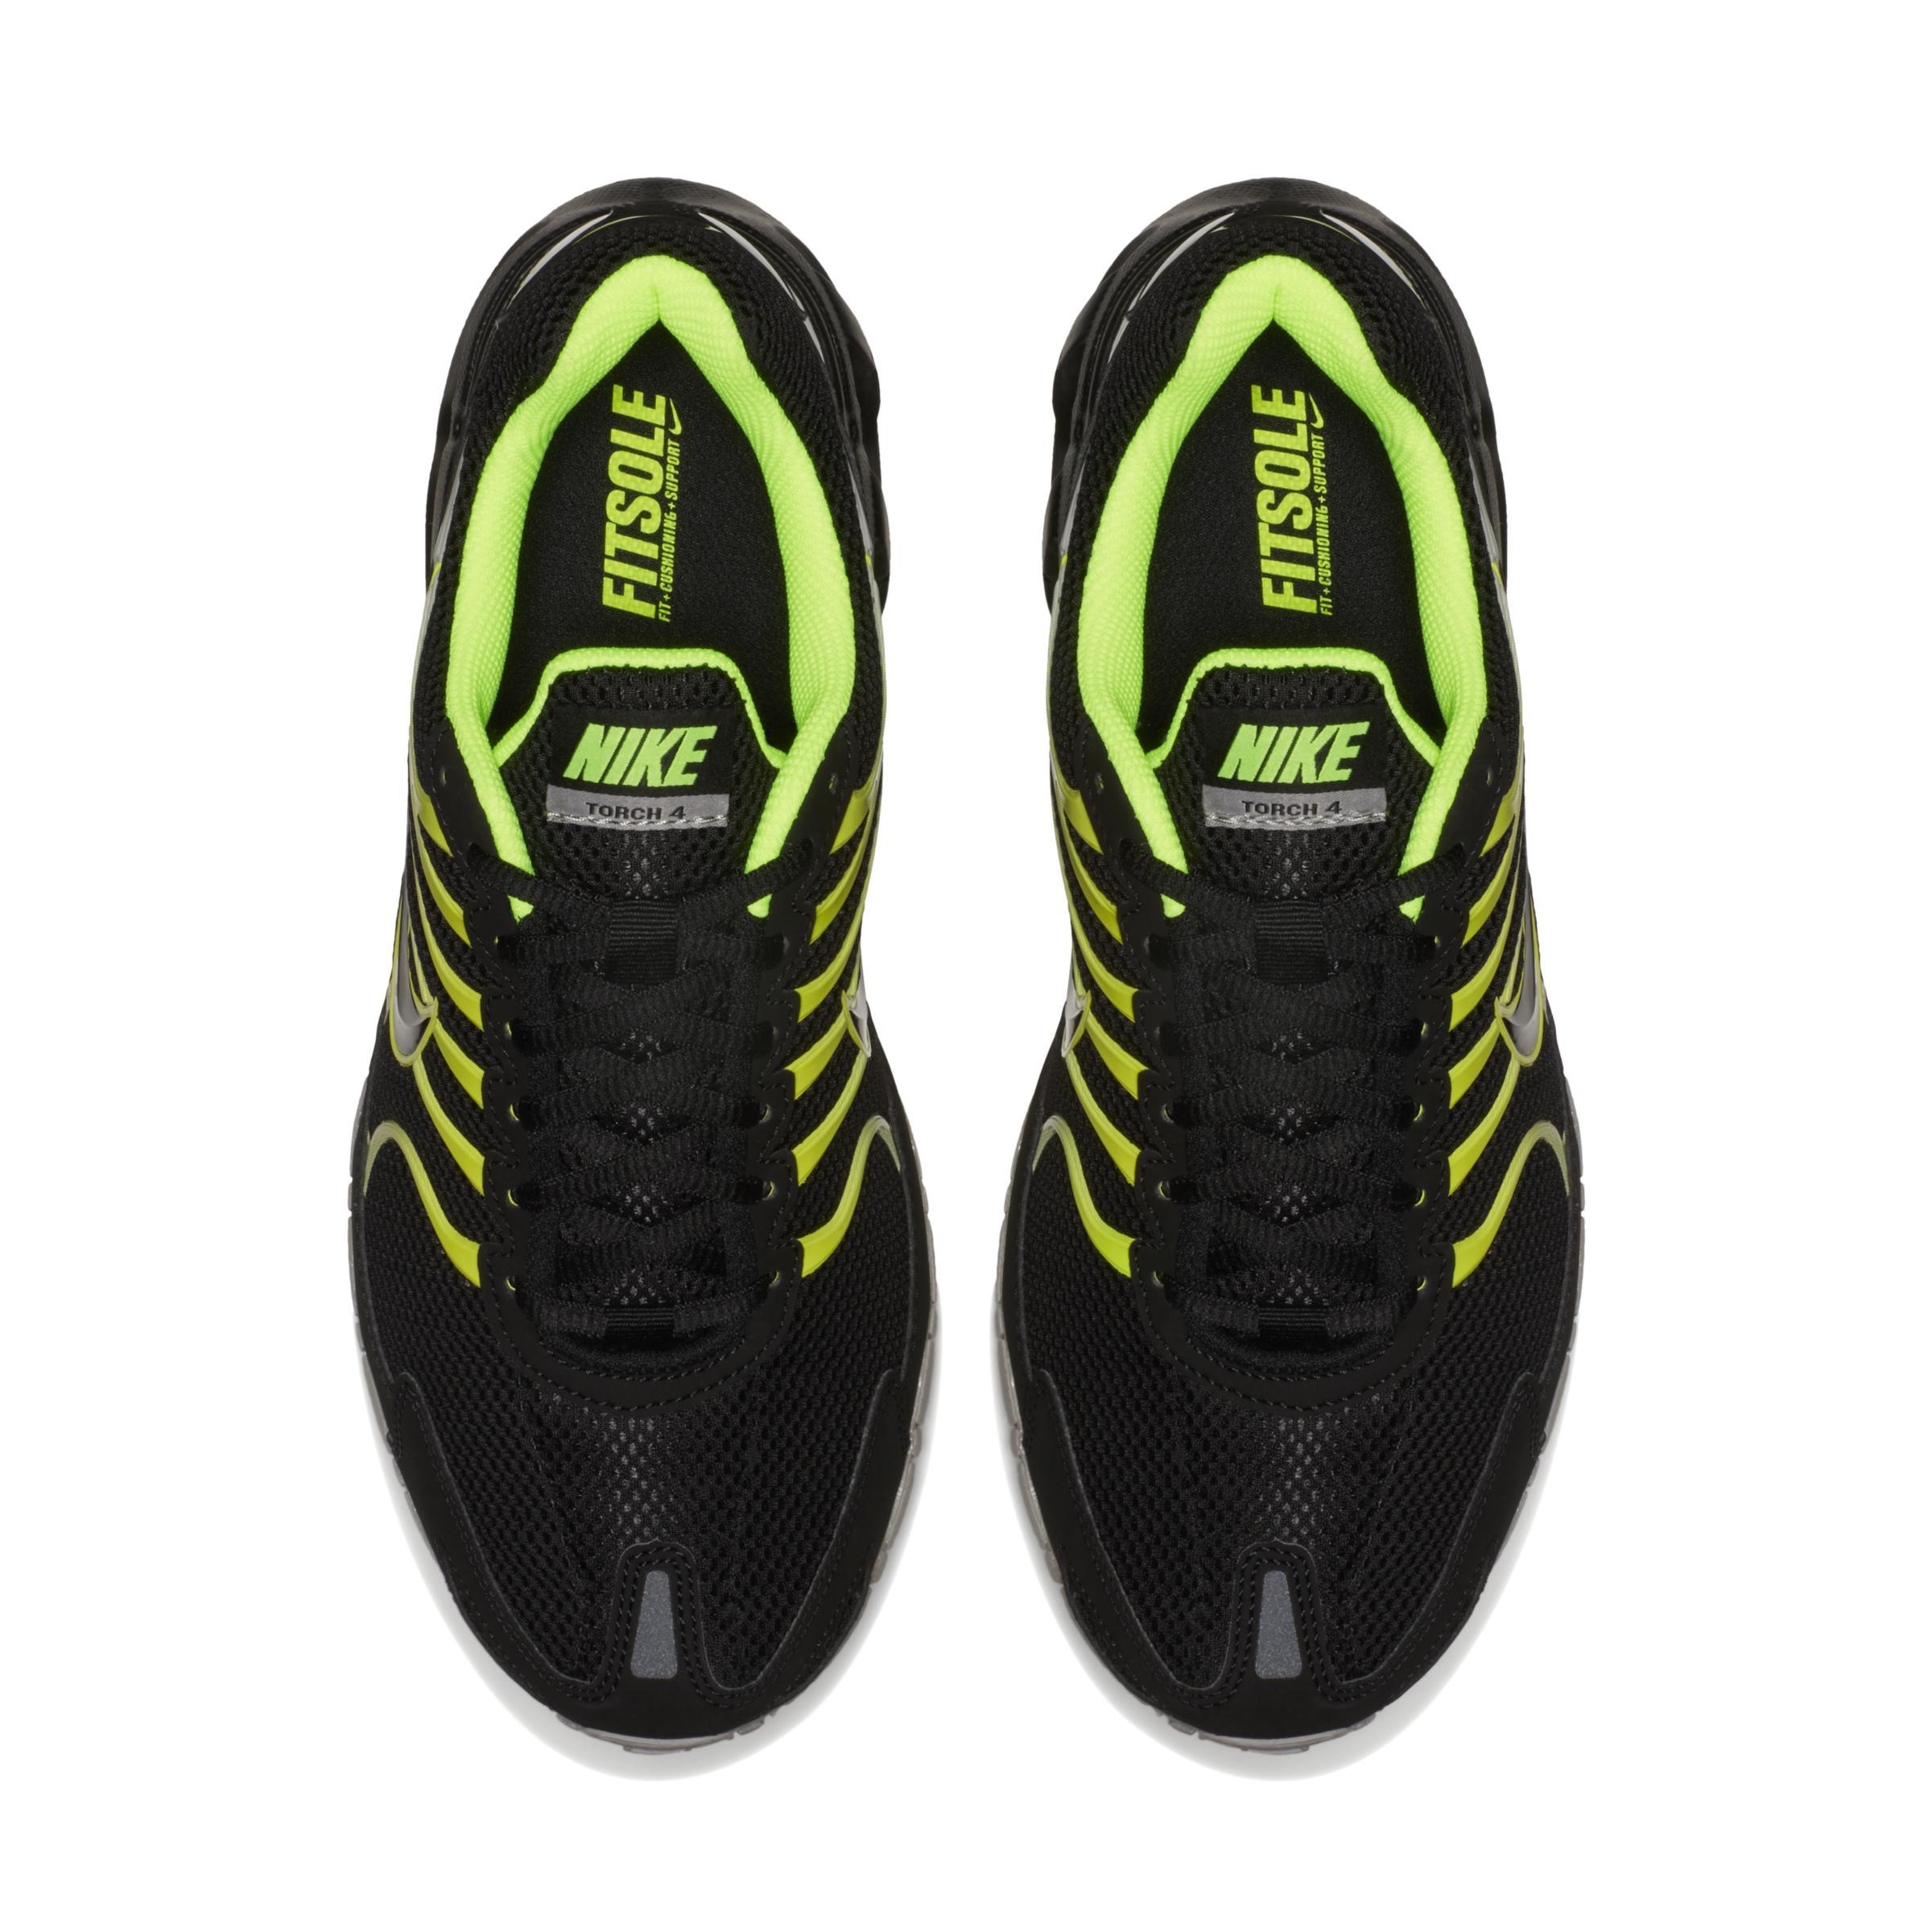 Chaussure de running Air Max Torch 4 pour Nike pour homme en coloris Noir